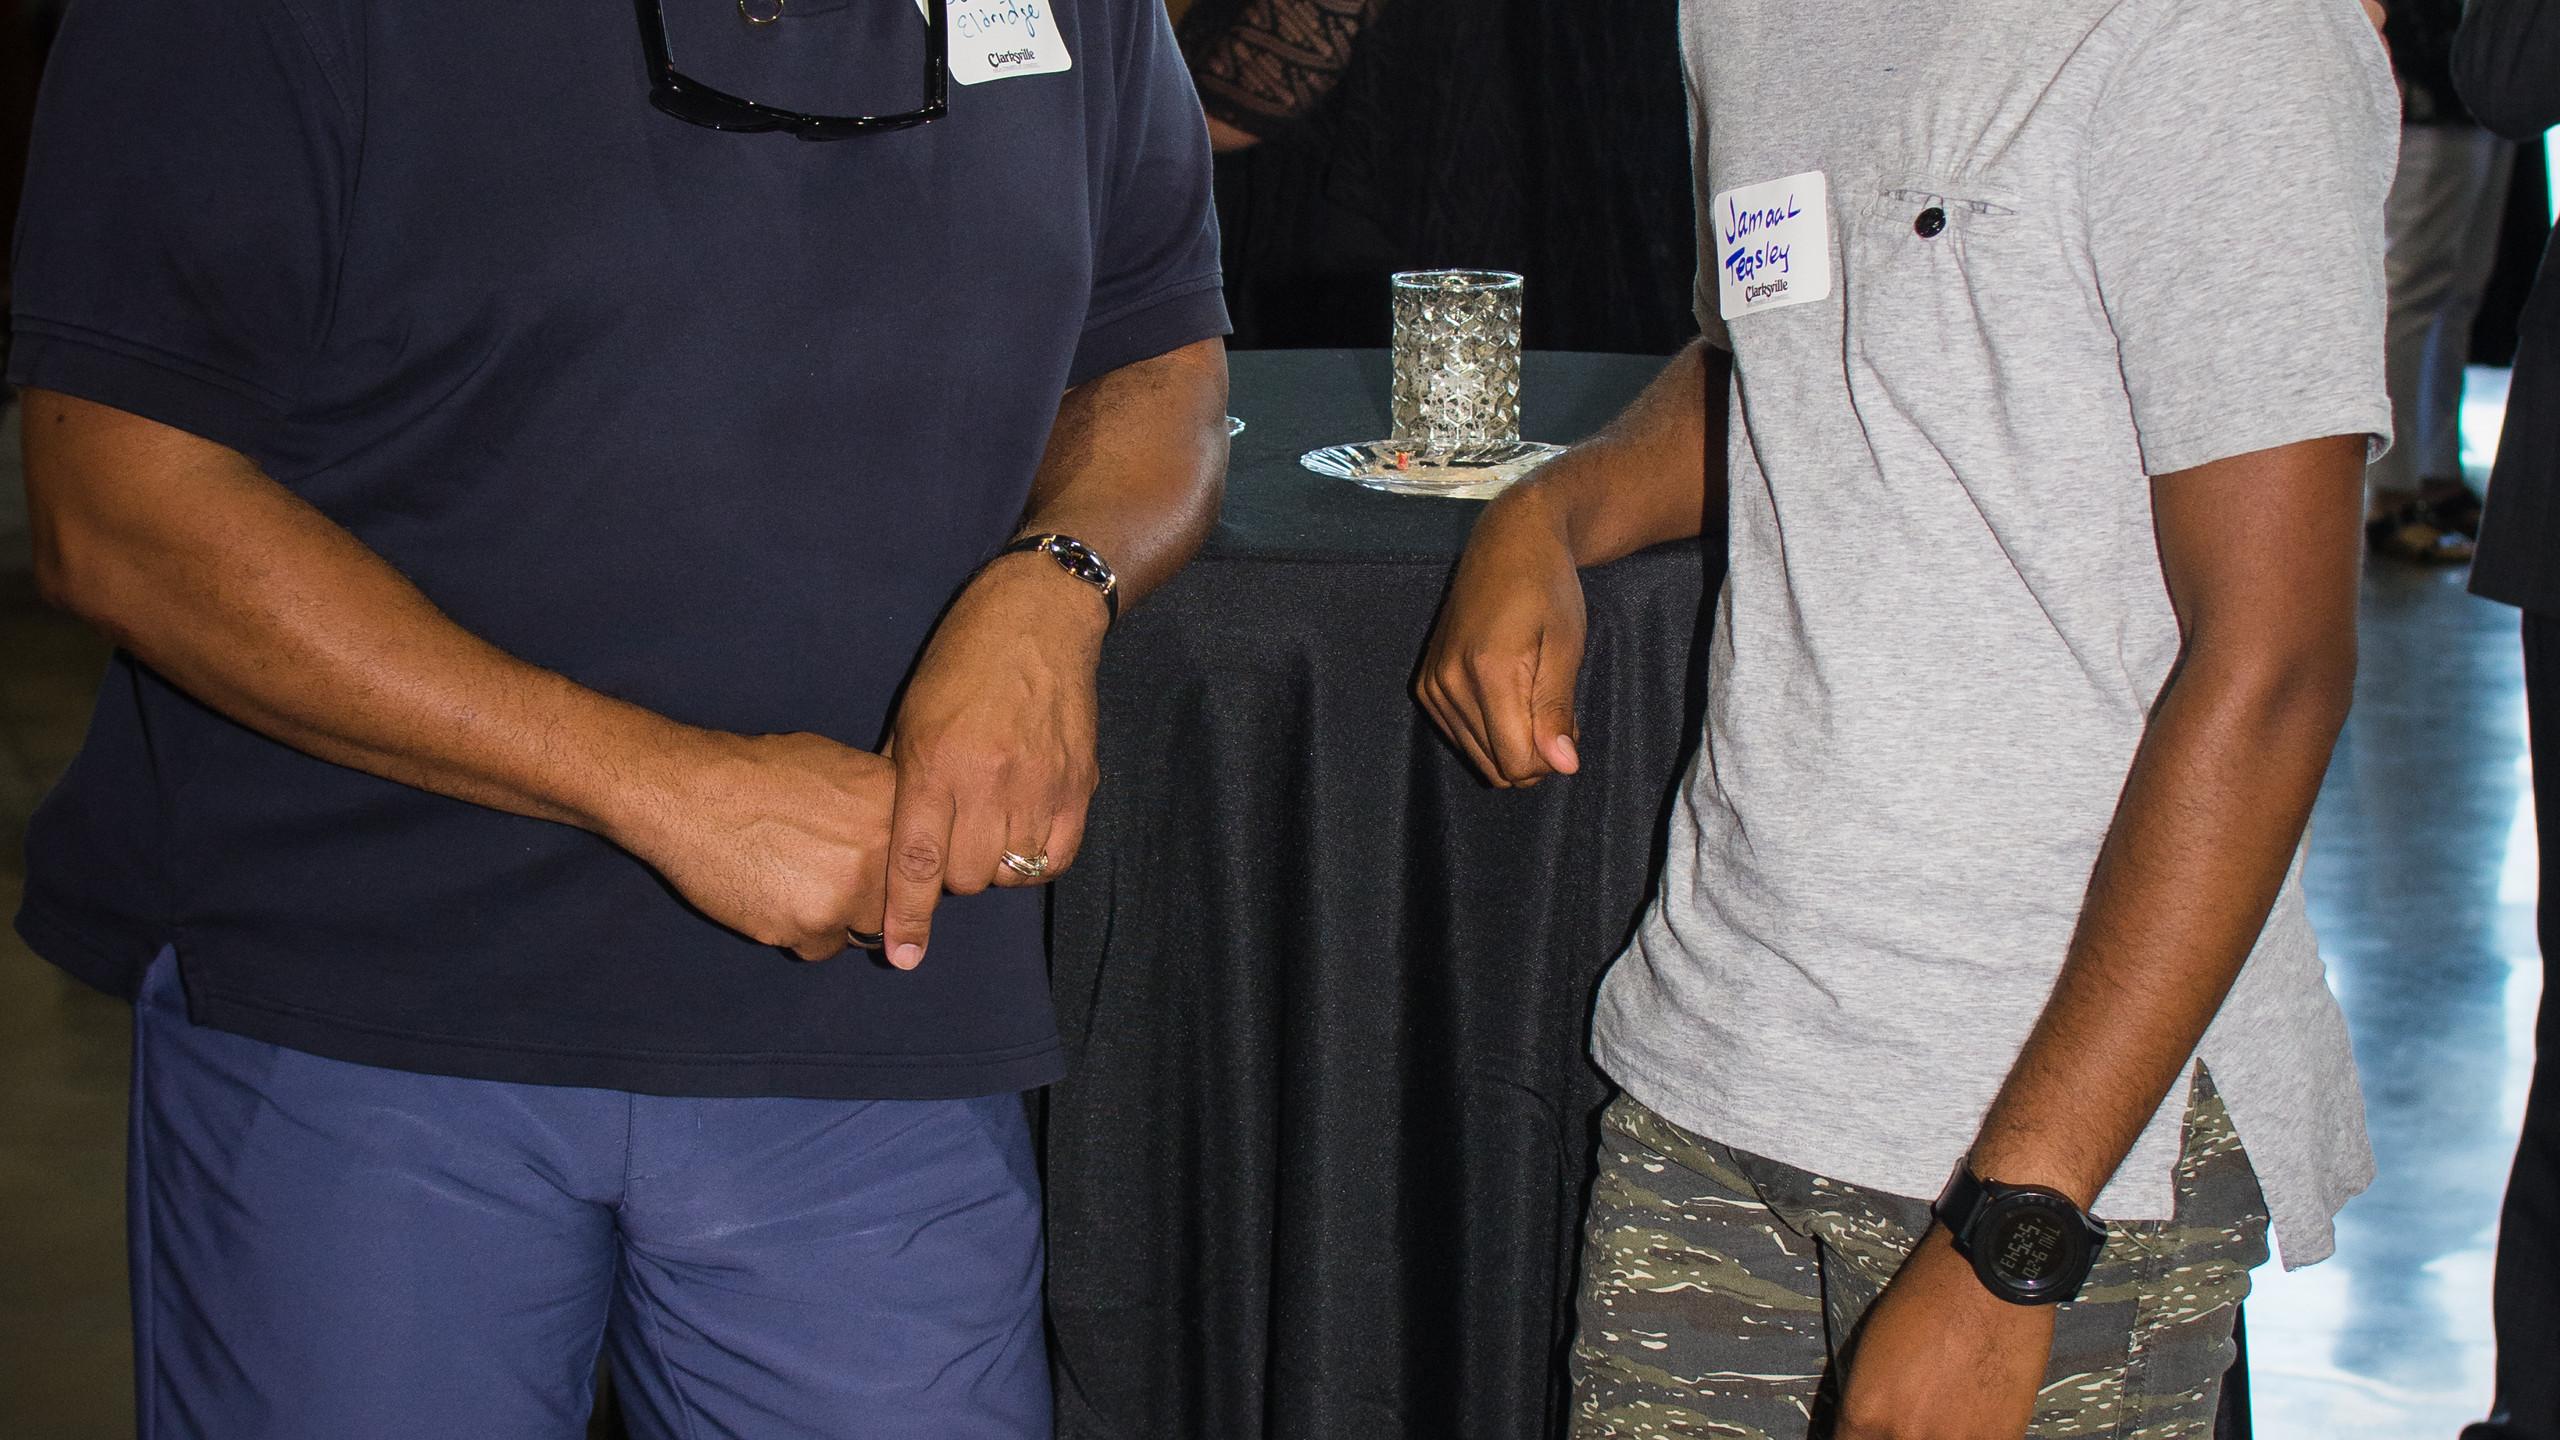 Darwin Eldridge and Jamaal Teasley